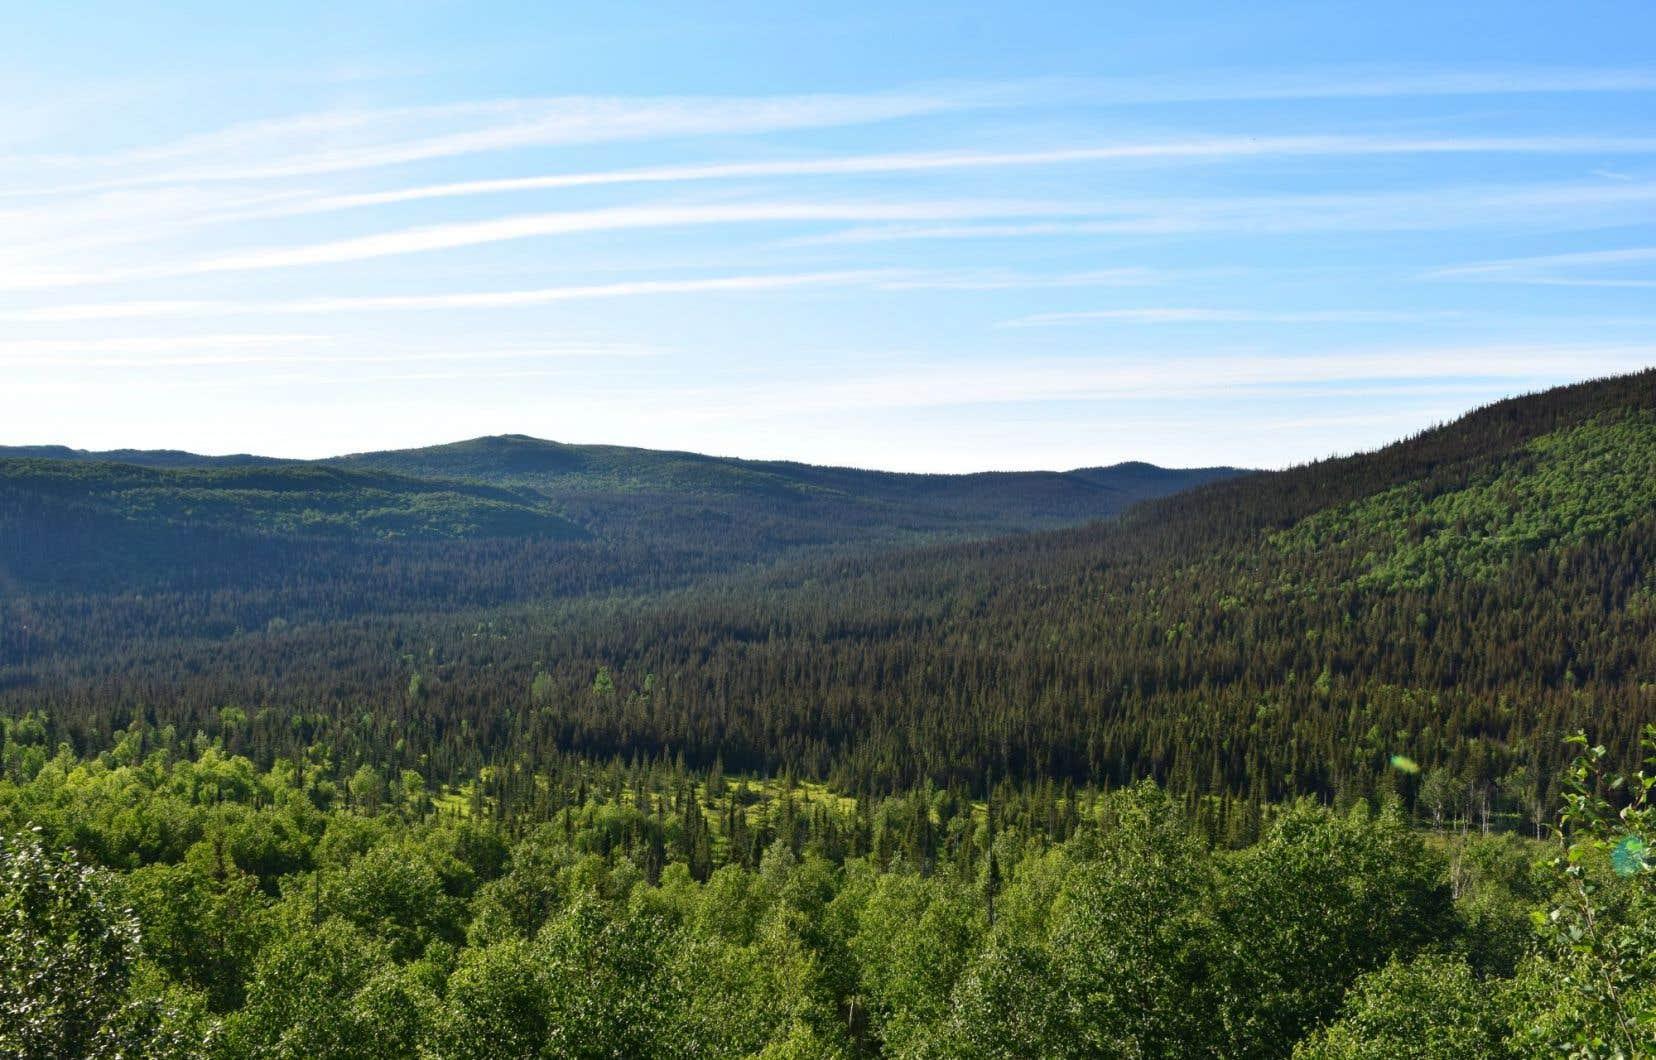 La création d'aires protégées sur le territoire des Chics-Chocs, en Gaspésie, est bloquée en raison de l'omniprésence de permis pétroliers.